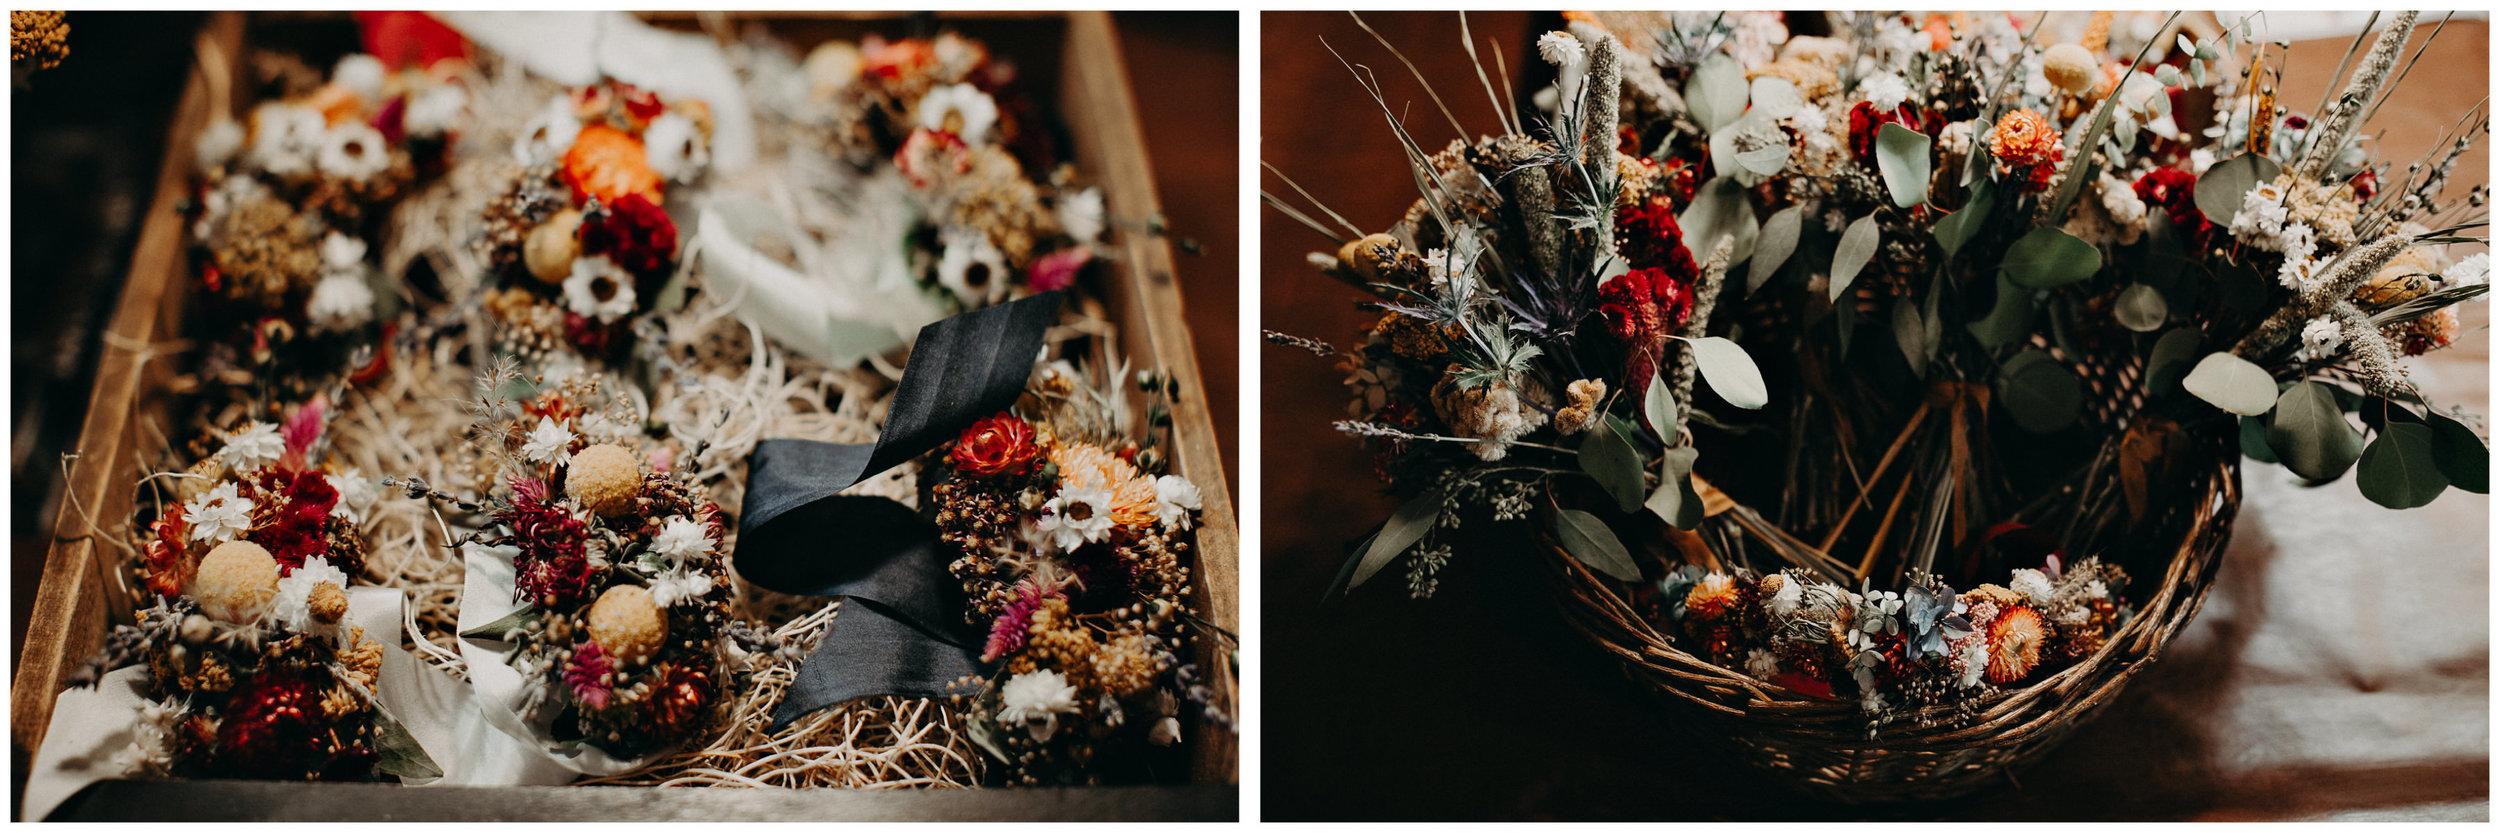 7 Wedding Florist, Flowers in Atlanta-Ga, Vintage Bouquet.jpg